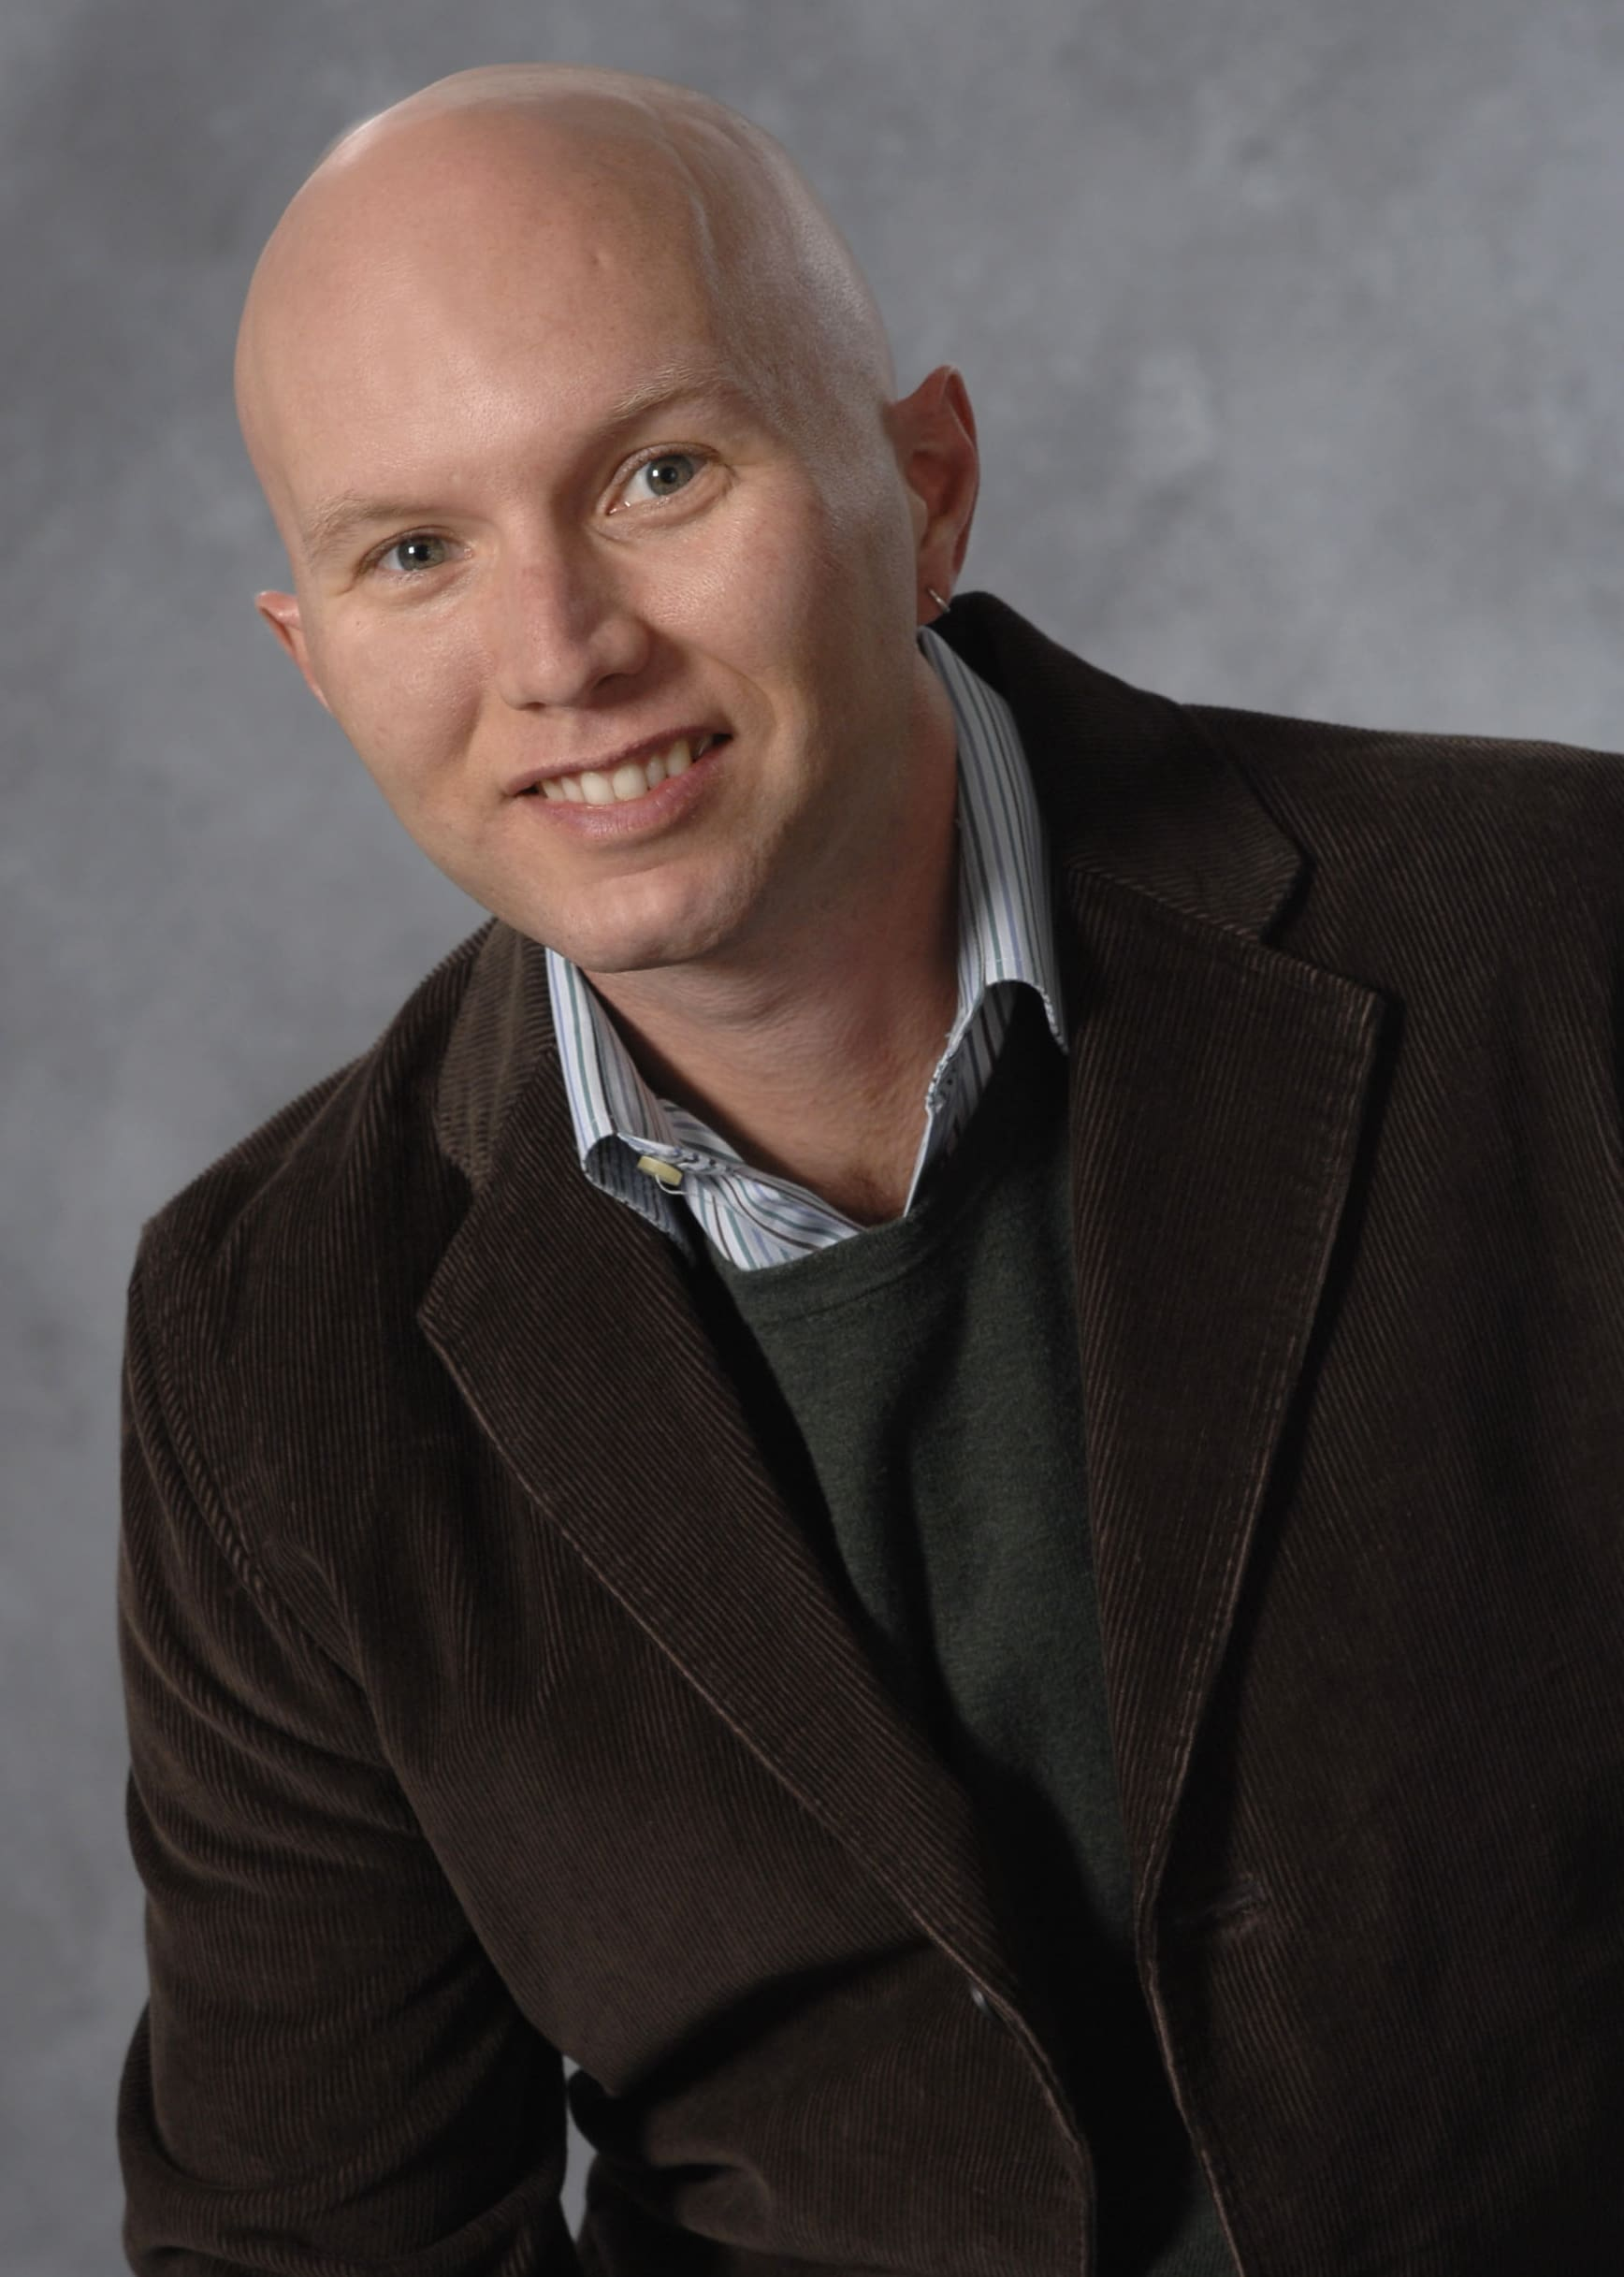 Joe Oestreich